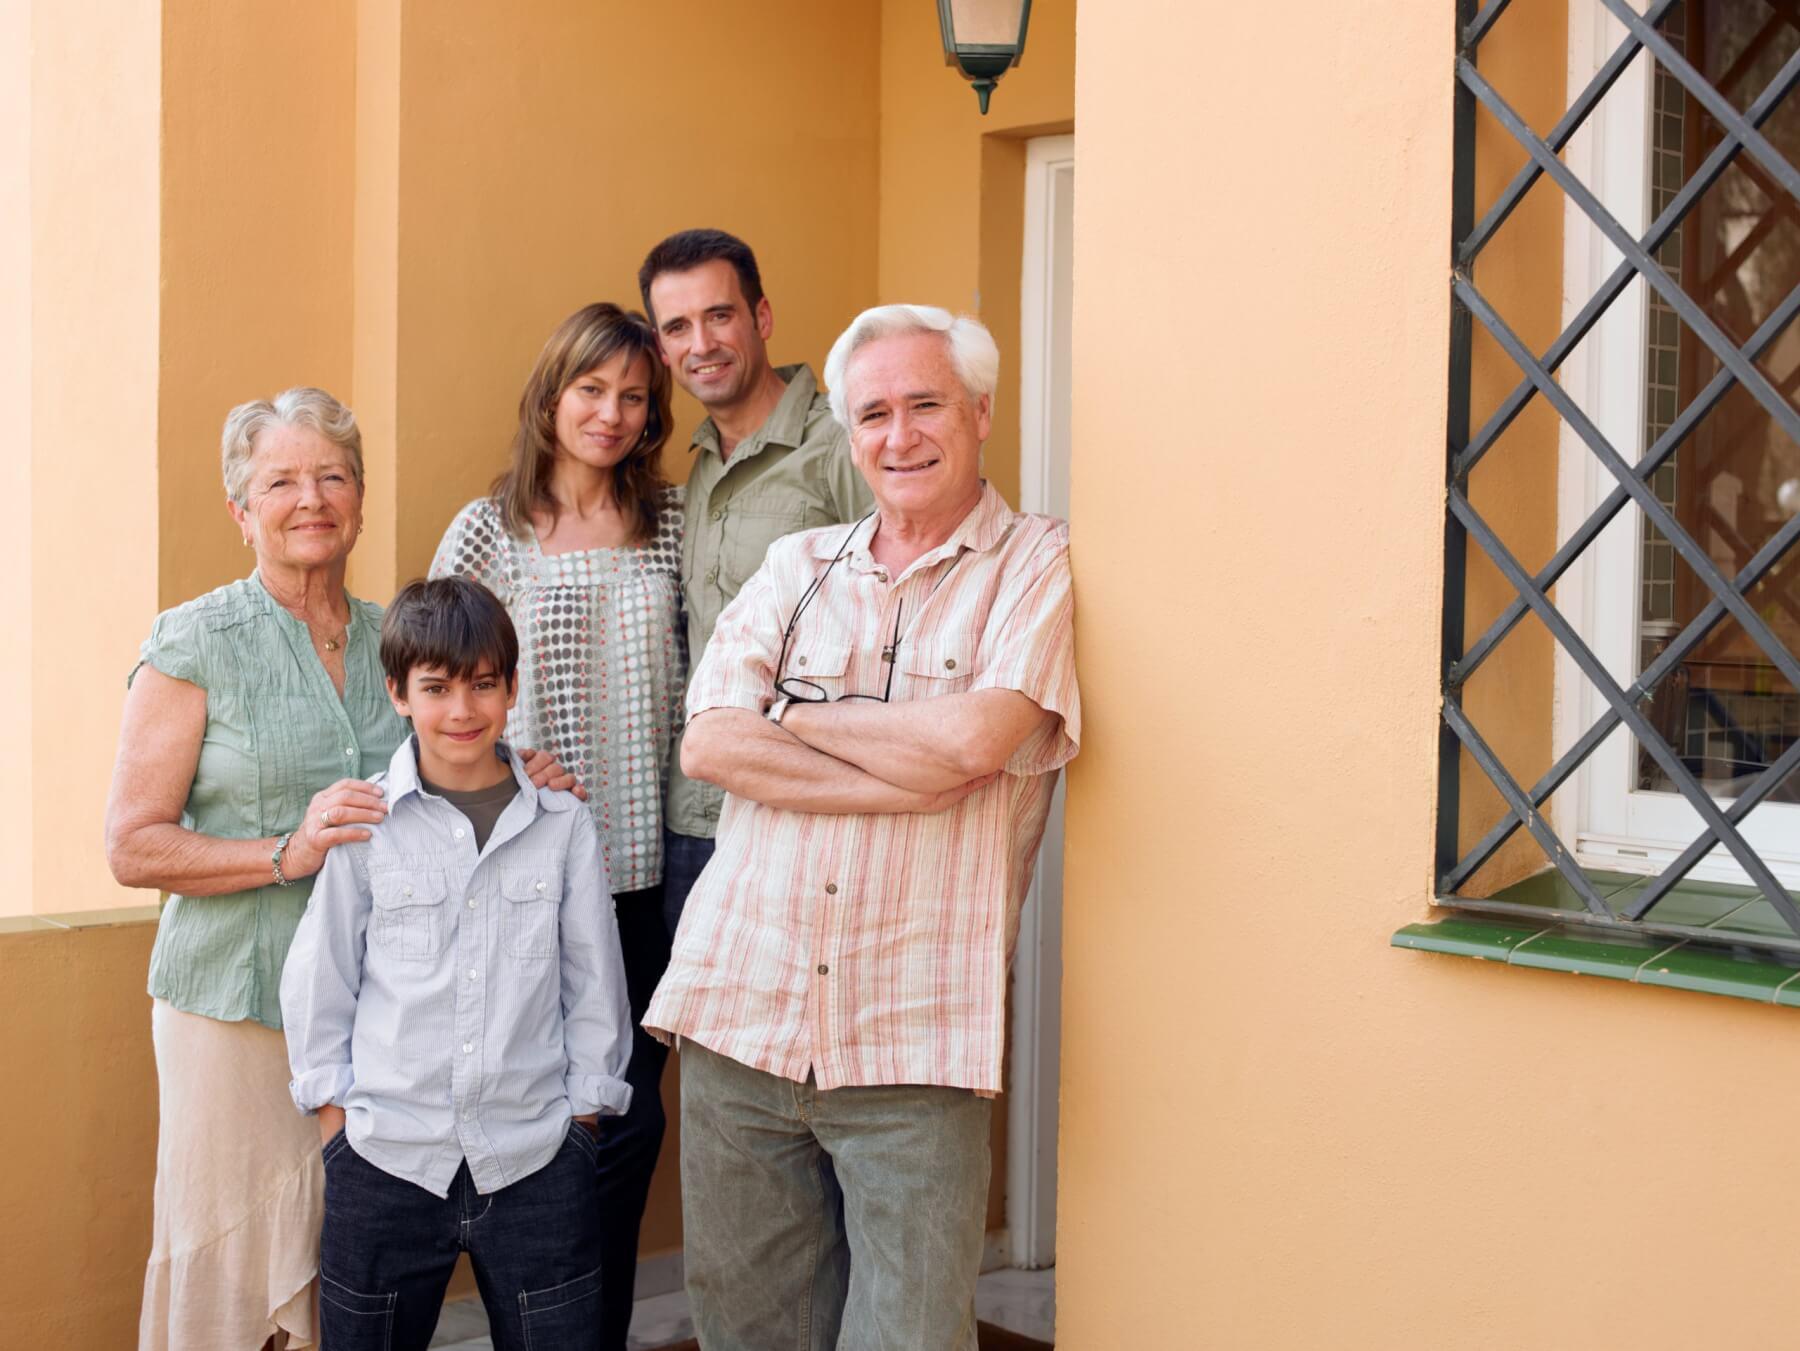 Das Generationshaus – Ein Trend mit vielen Vorteilen